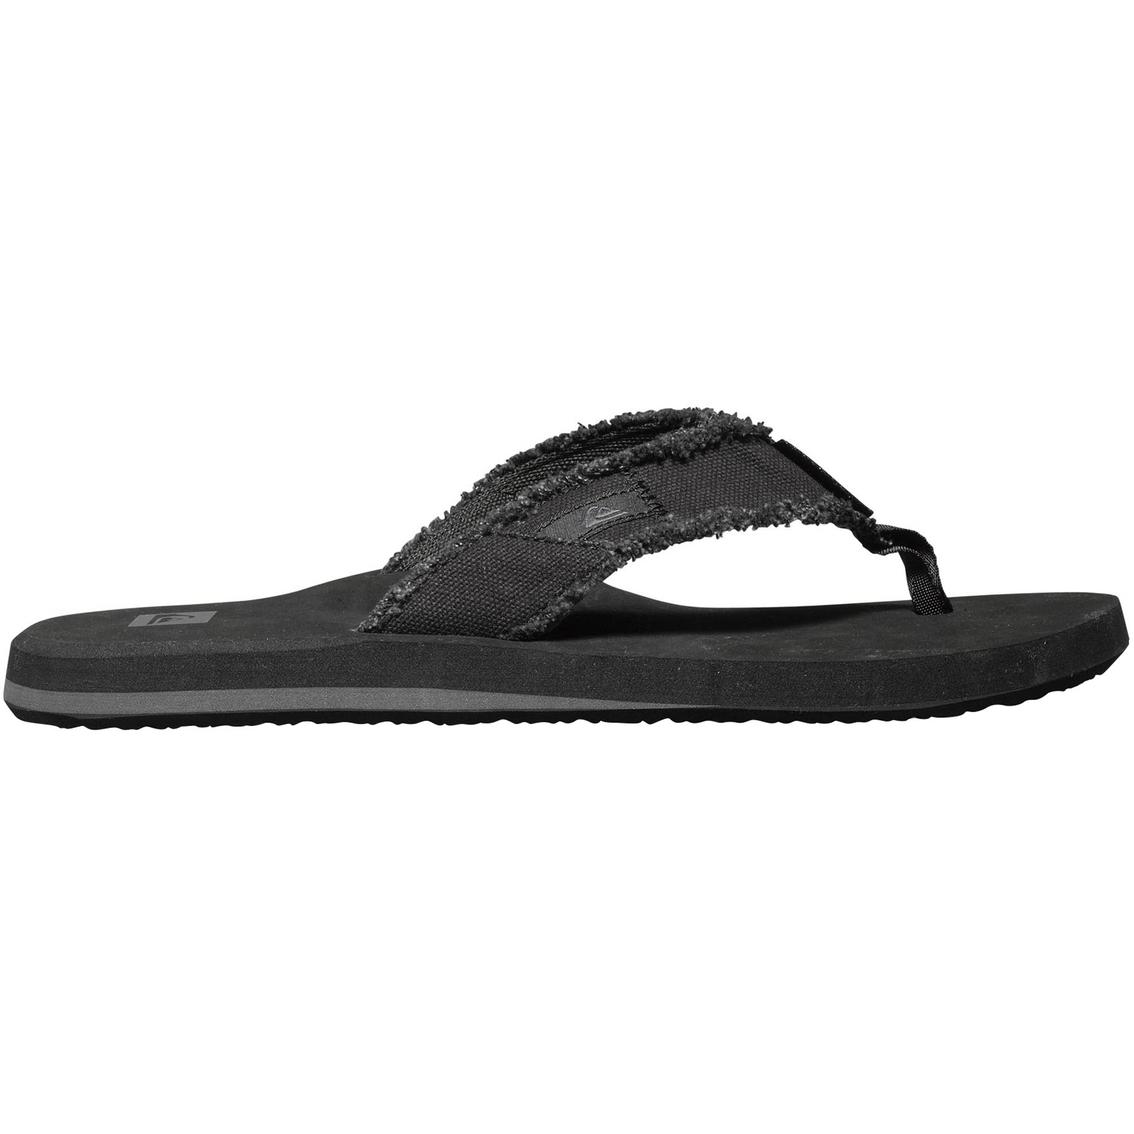 4d6134171e37 Quiksilver Monkey Abyss Sandals